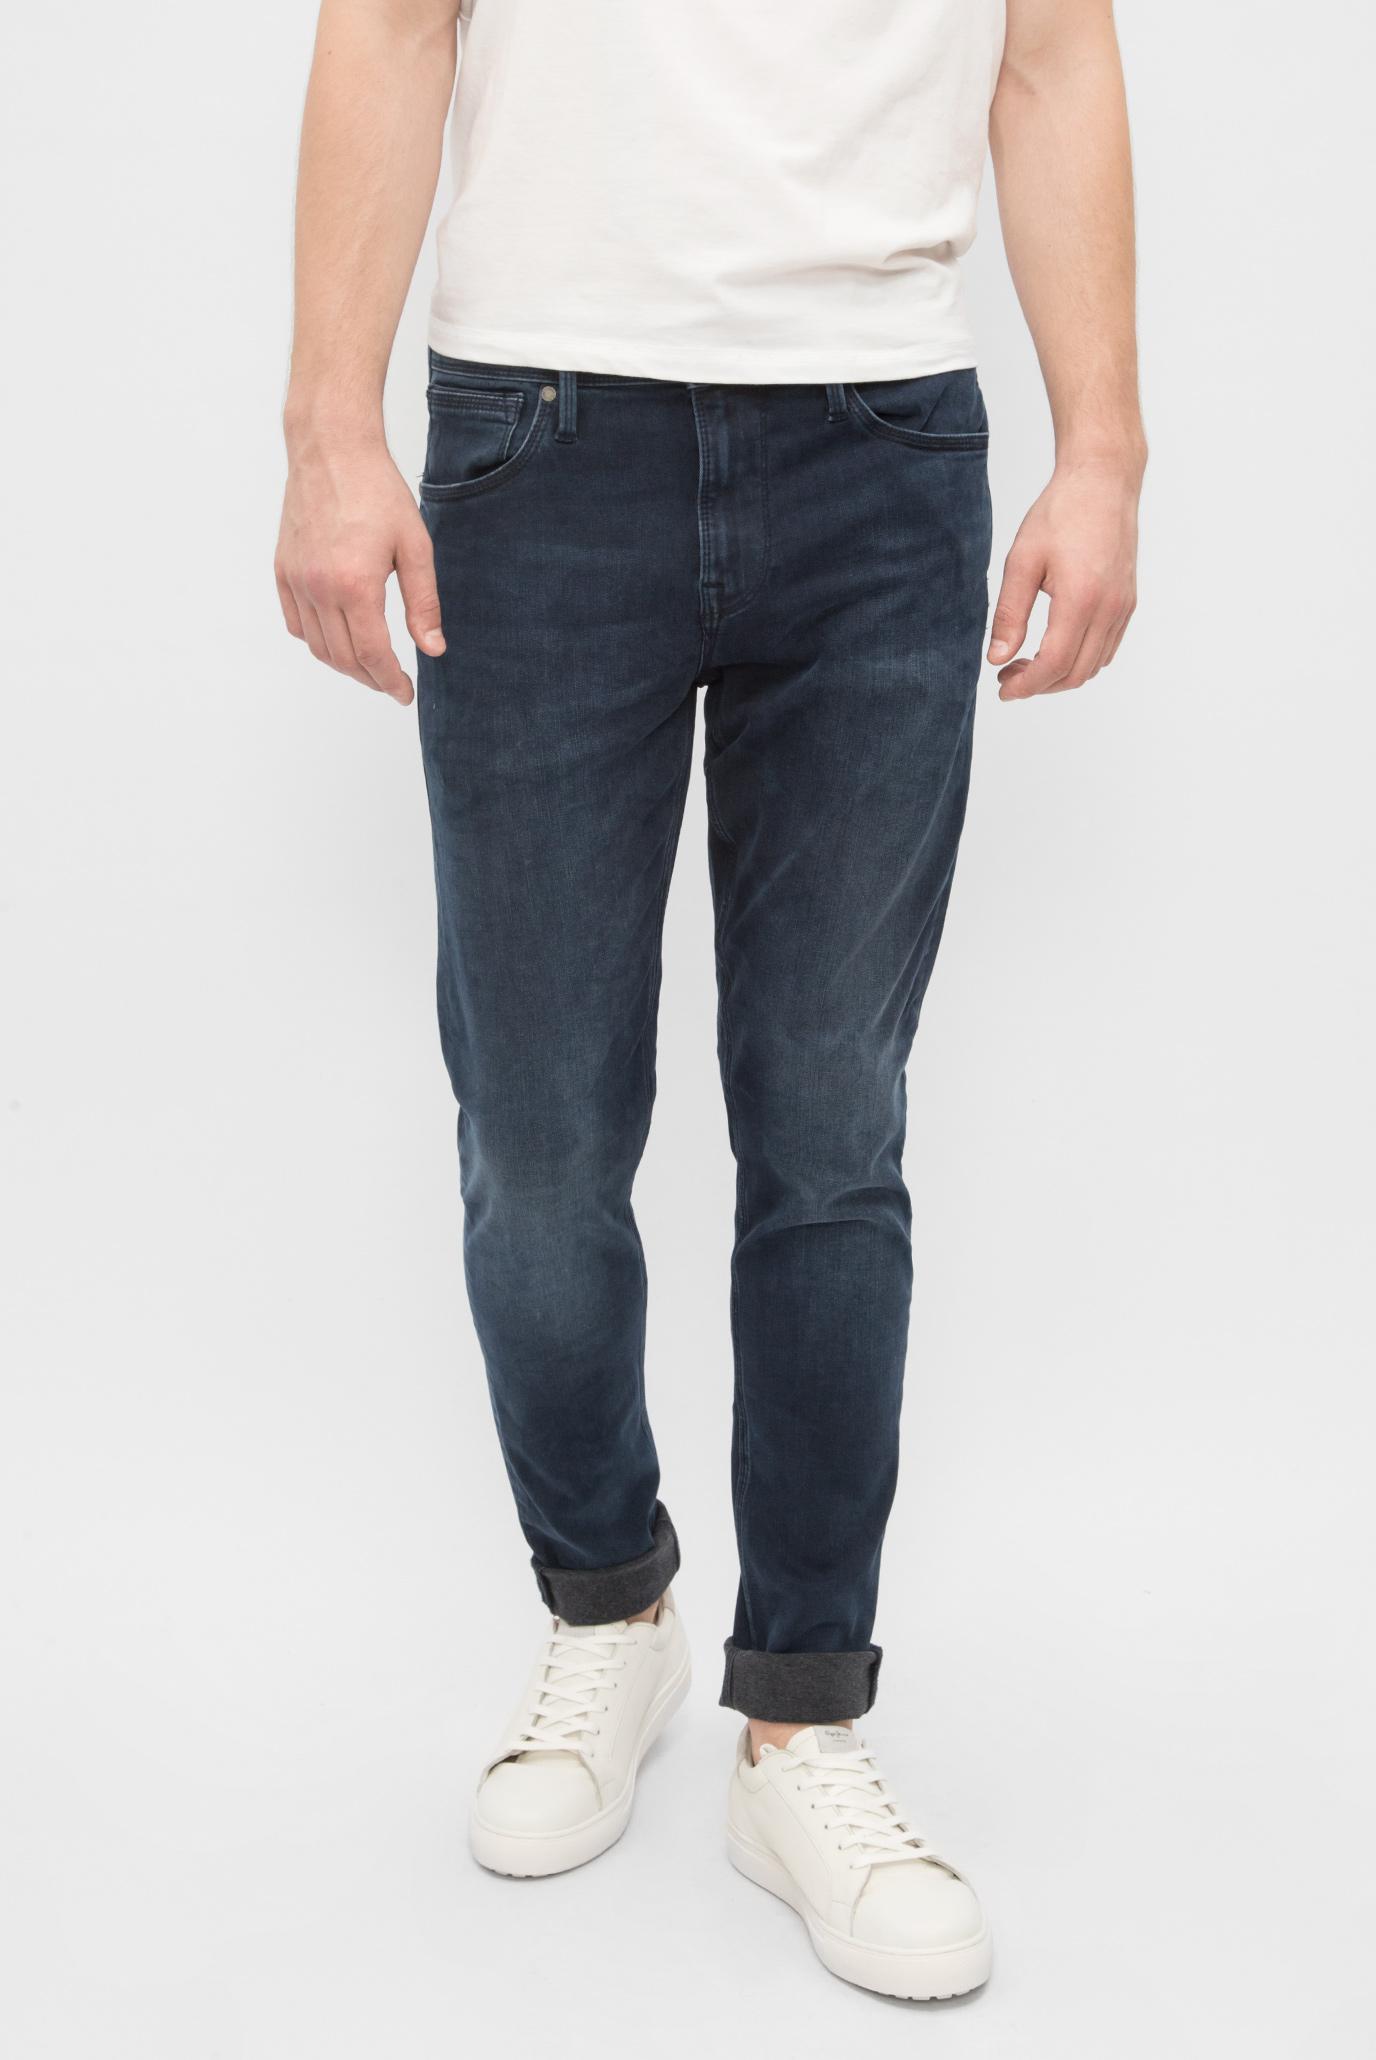 Купить Мужские темно-синие джинсы FINSBURY SK-NICKEL Pepe Jeans Pepe Jeans PM201518CA82 – Киев, Украина. Цены в интернет магазине MD Fashion